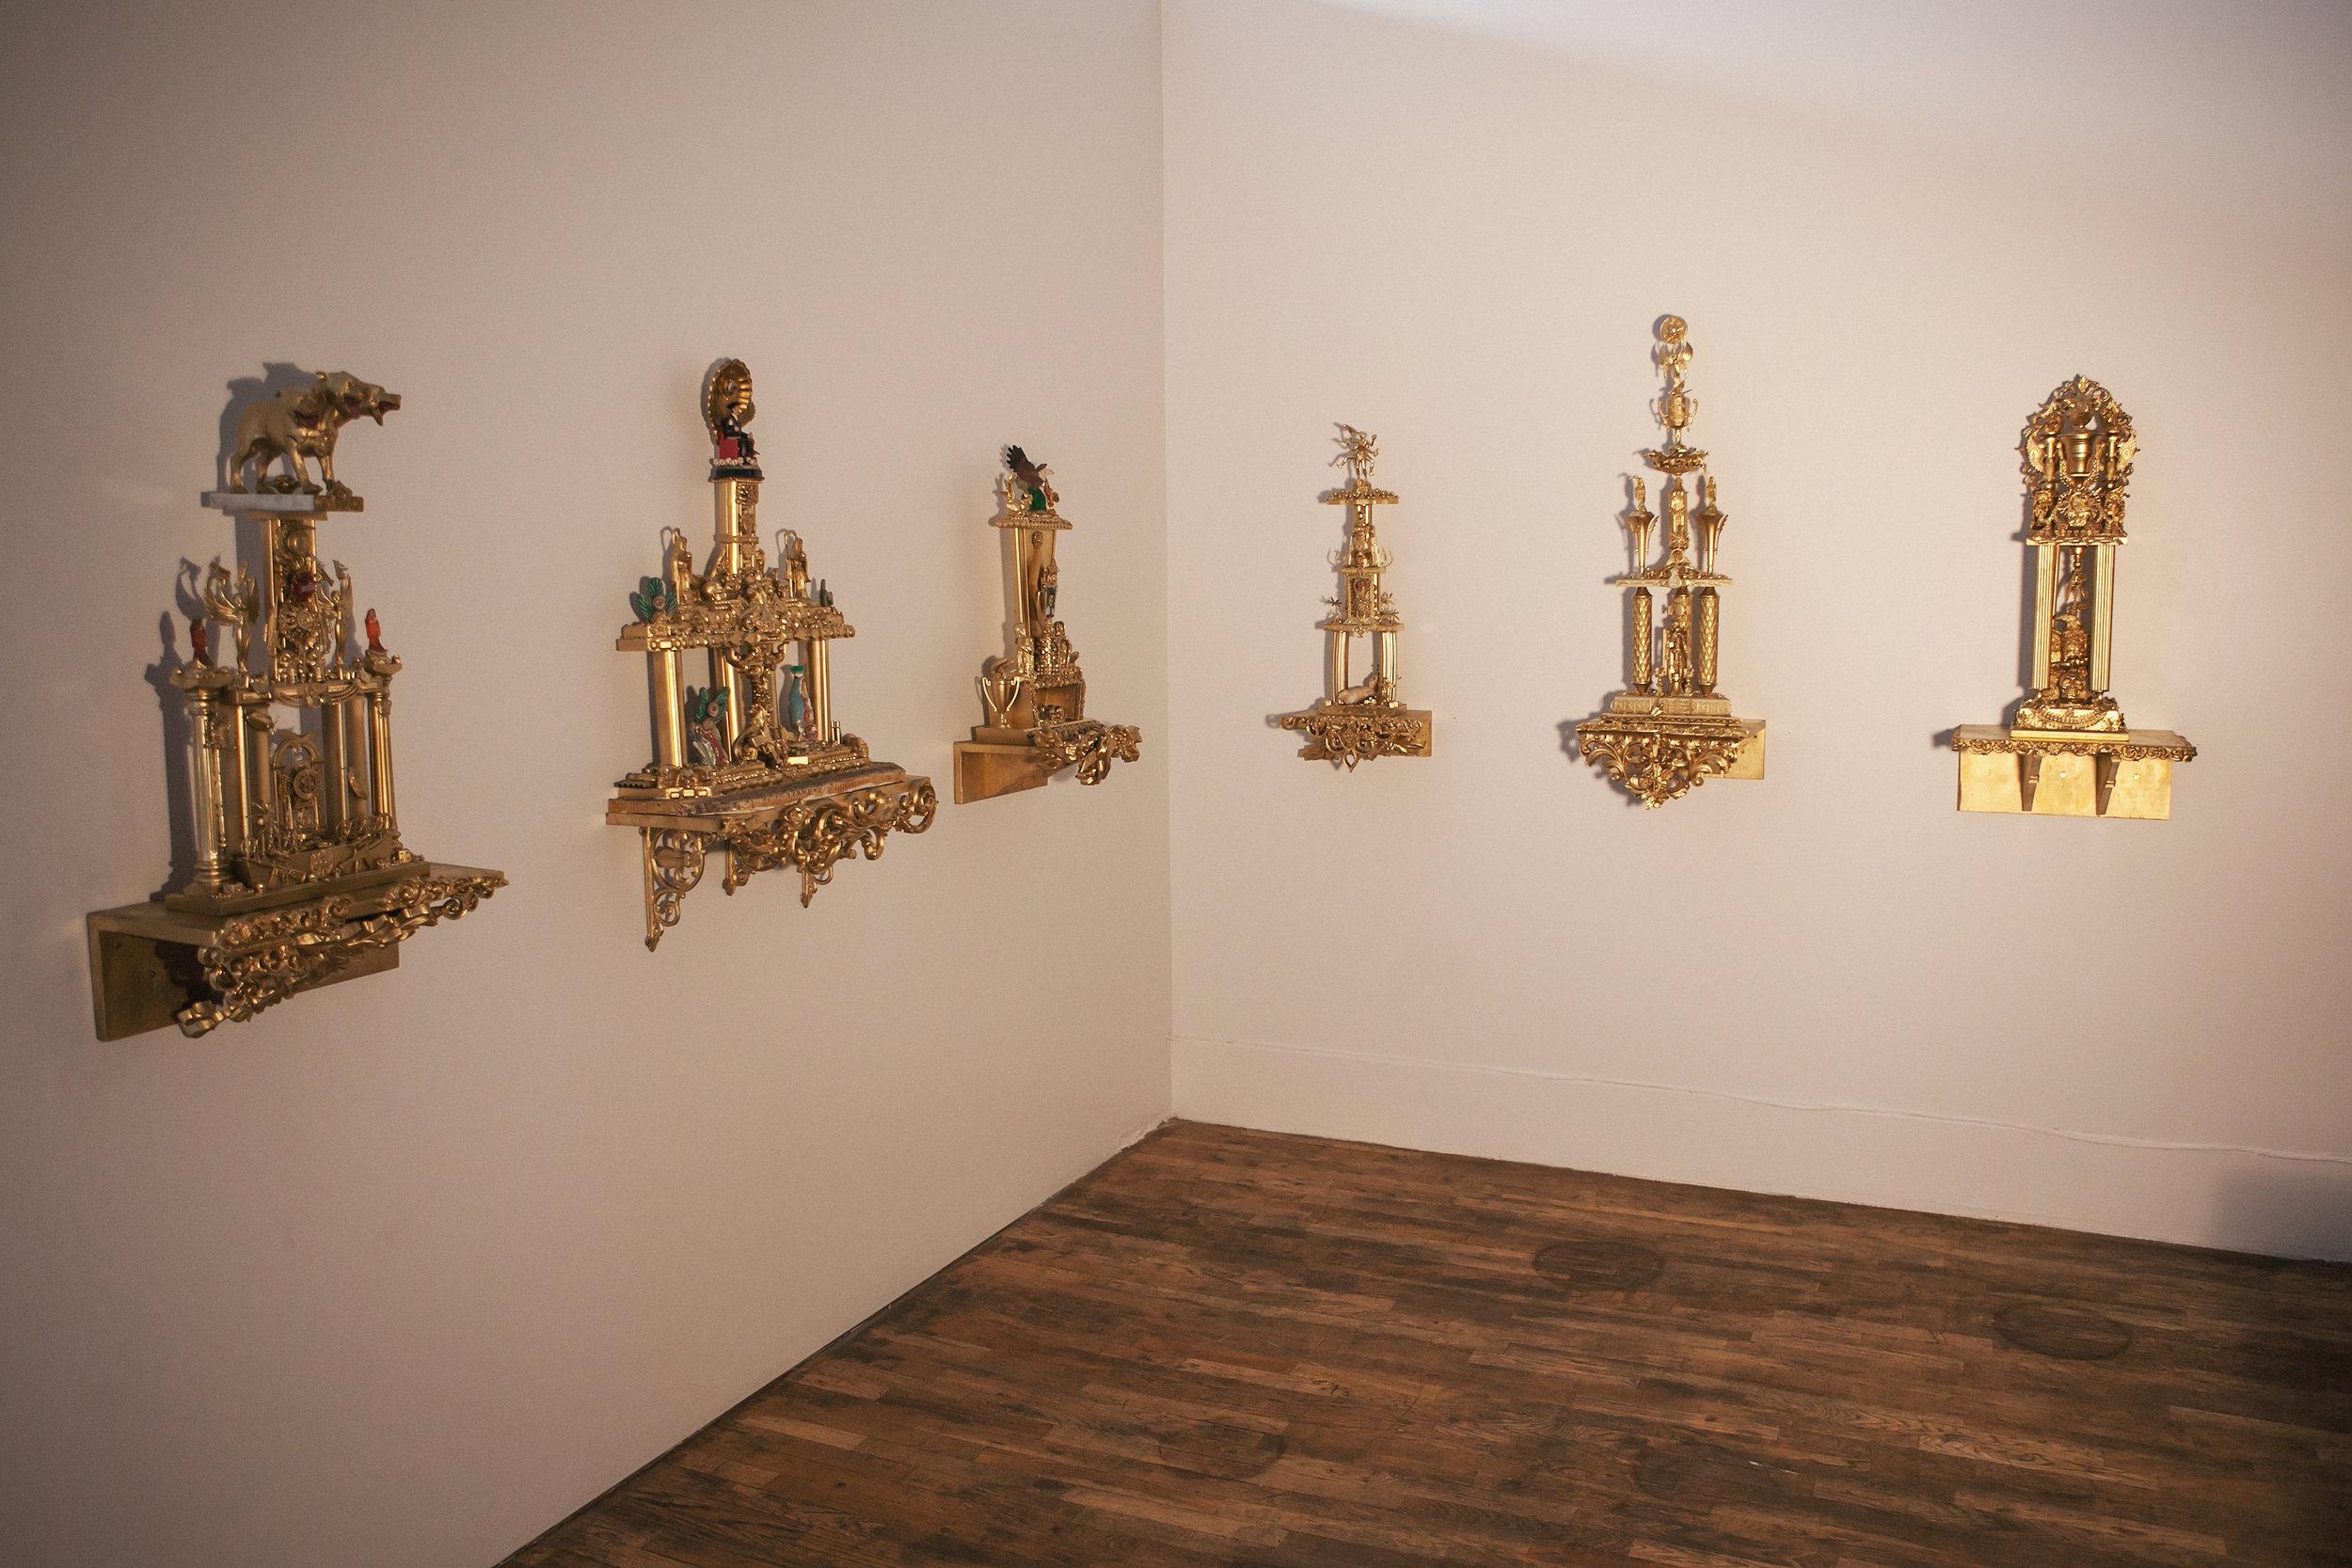 Cartel Trophies  Gallery View, Leon Gallery, Denver, Colorado  2016